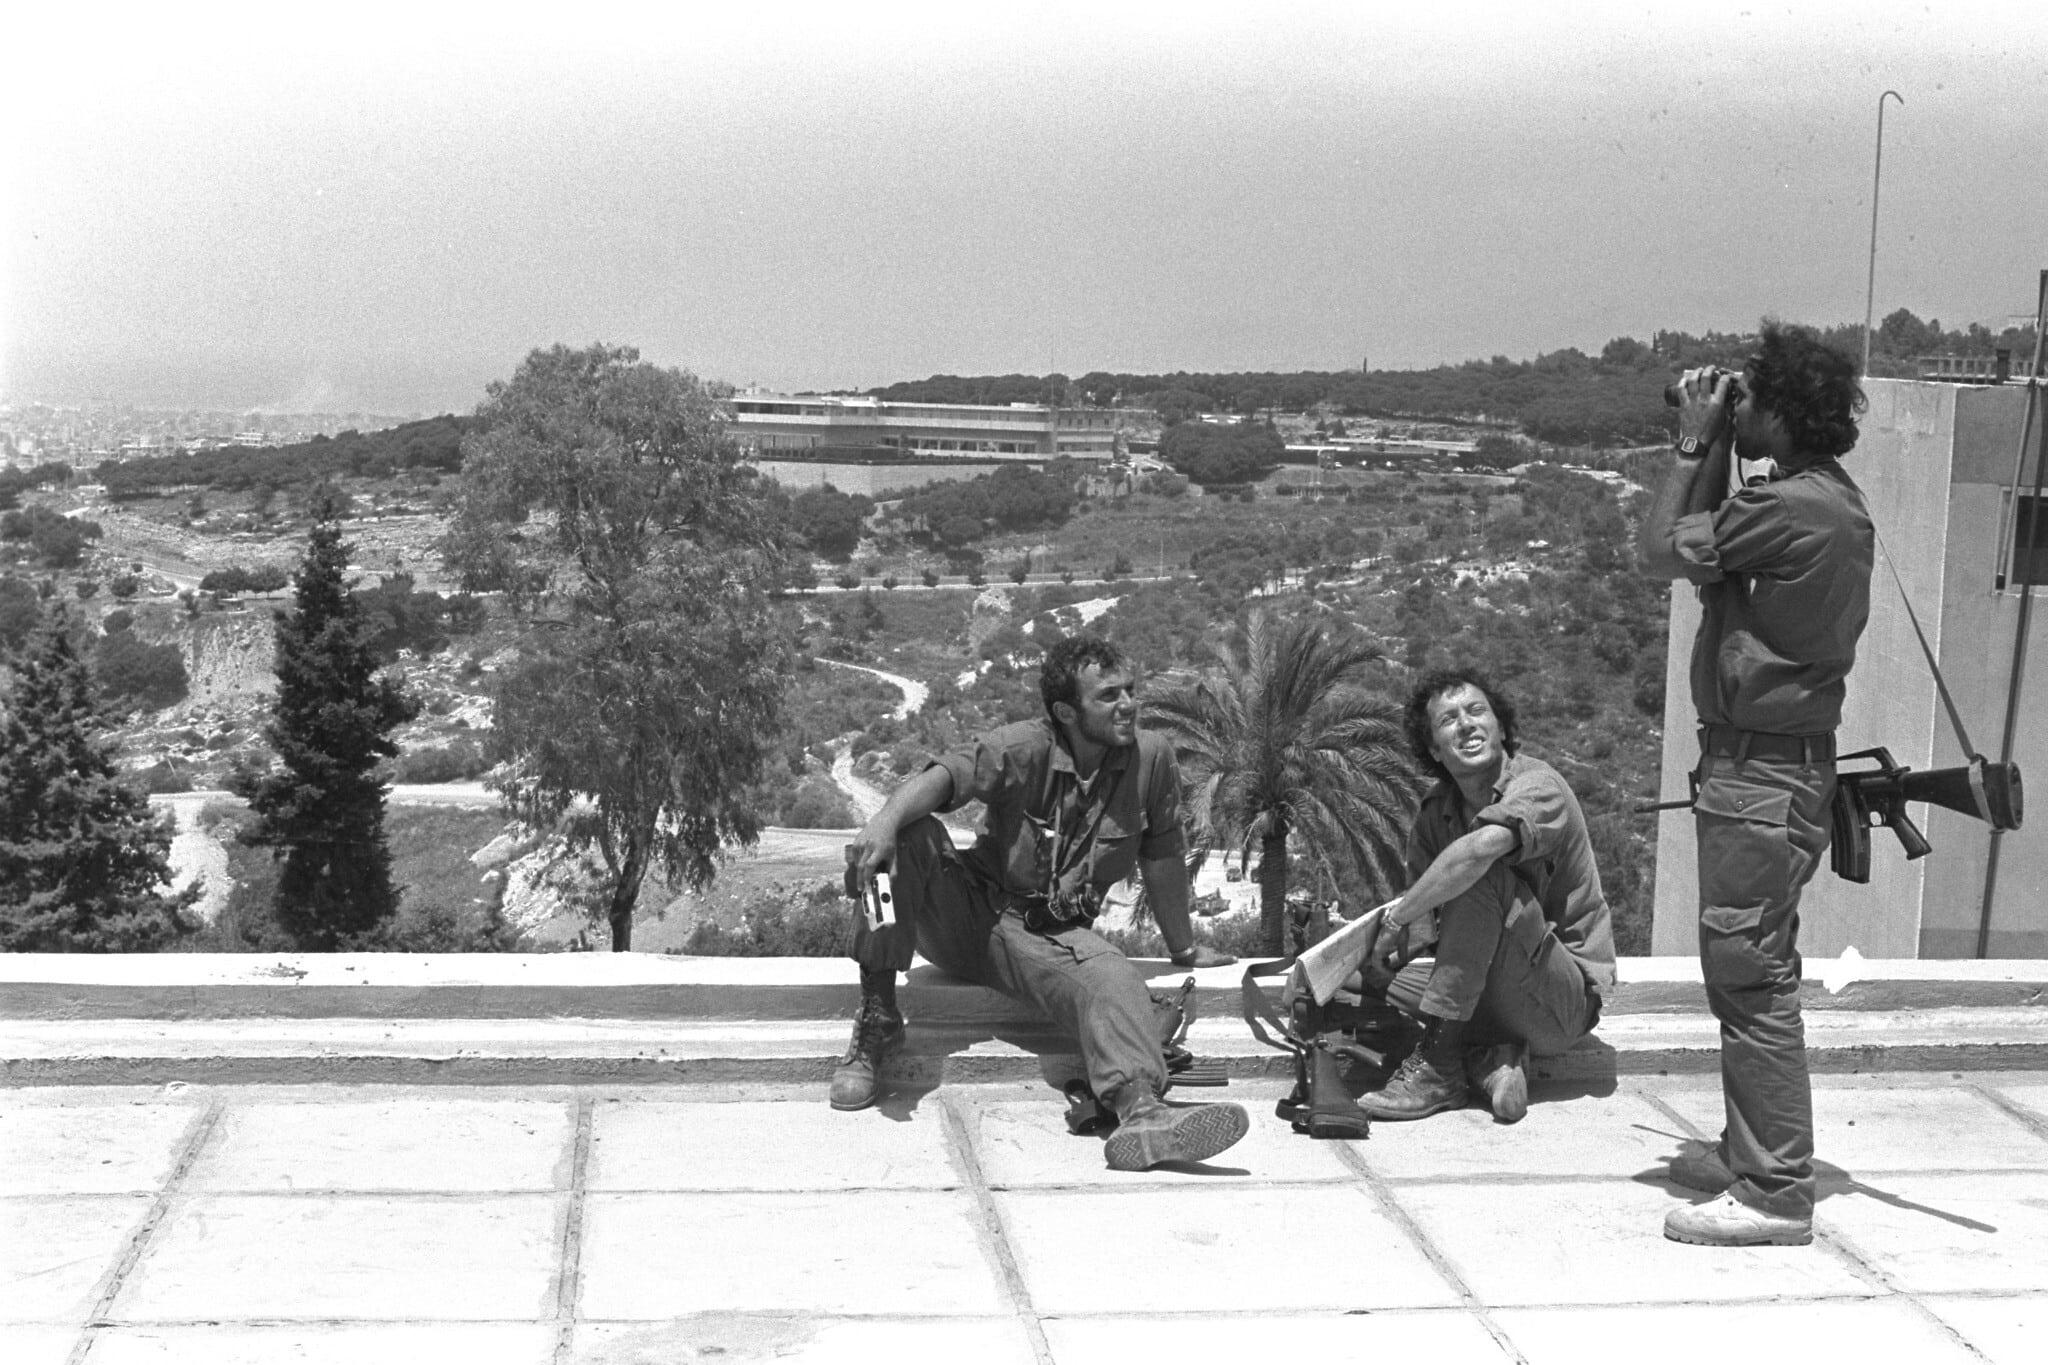 אילוסטרציה: חיילים ישראלים נחים על גג הצופה על ביתו של נשיא לבנון בפאתי ביירות, 16 ביוני 1982 (צילום: לשכת העיתונות הממשלתית/יואל קנטור)